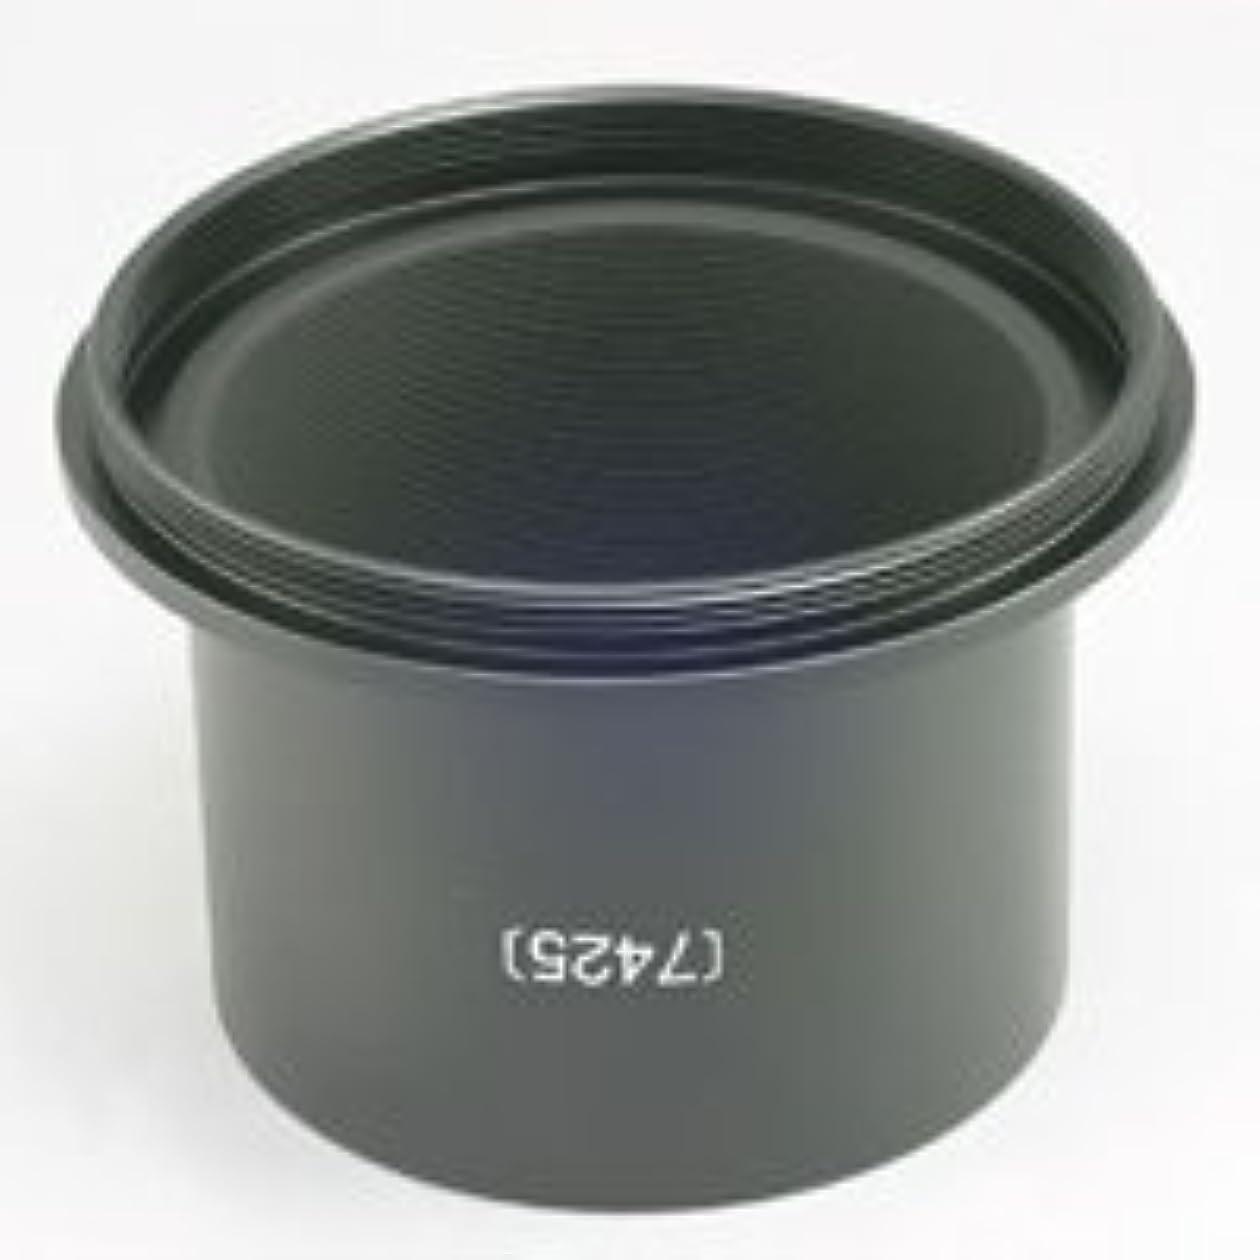 お母さん有毒なシンジケートカメラマウント M57→M49.8ADSS 7923 BORG ボーグ